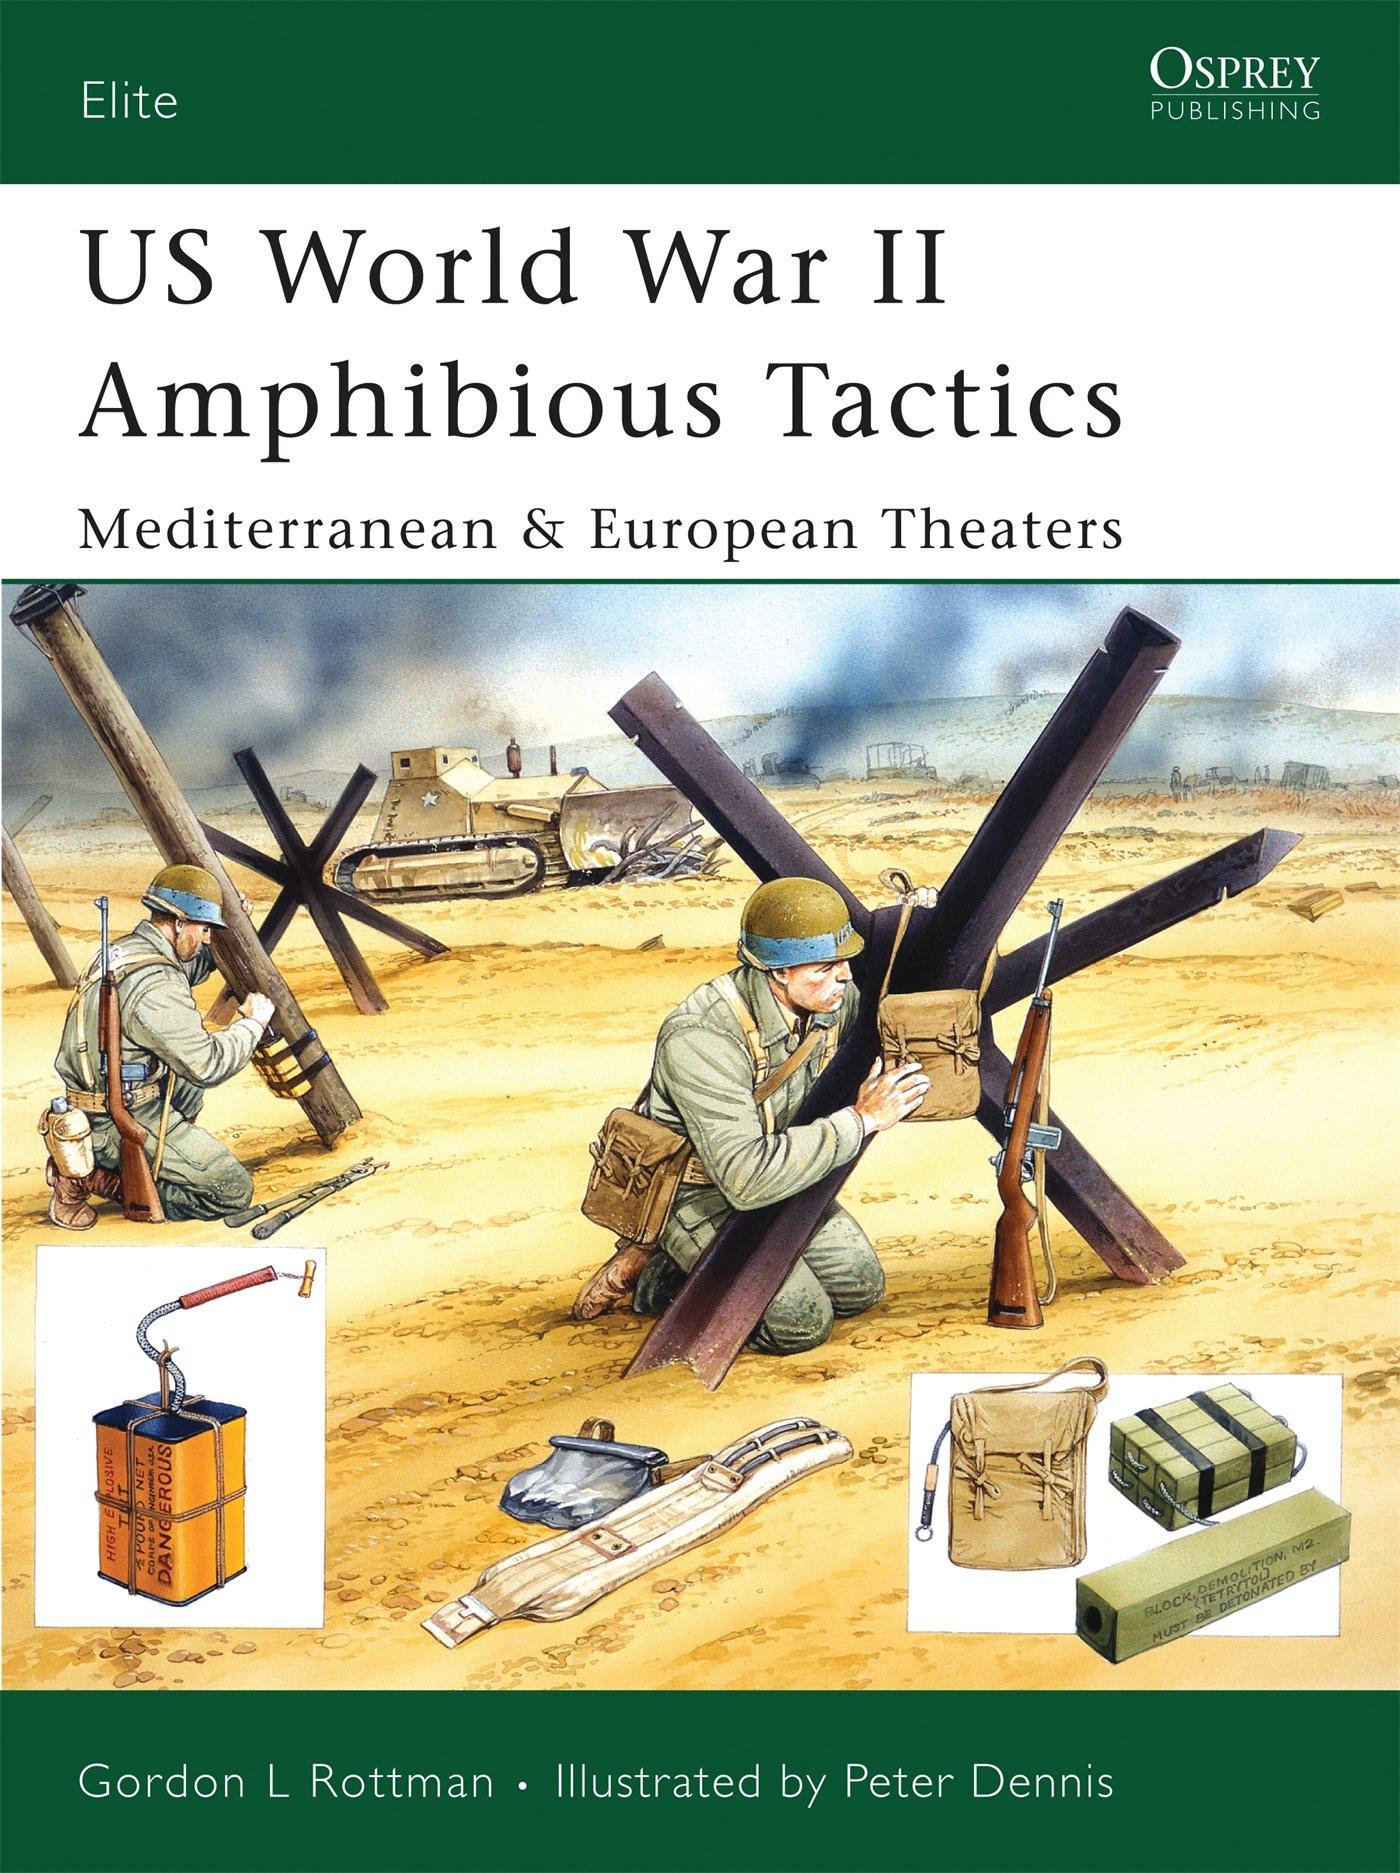 US World War II Amphibious Tactics: Mediterranean & European